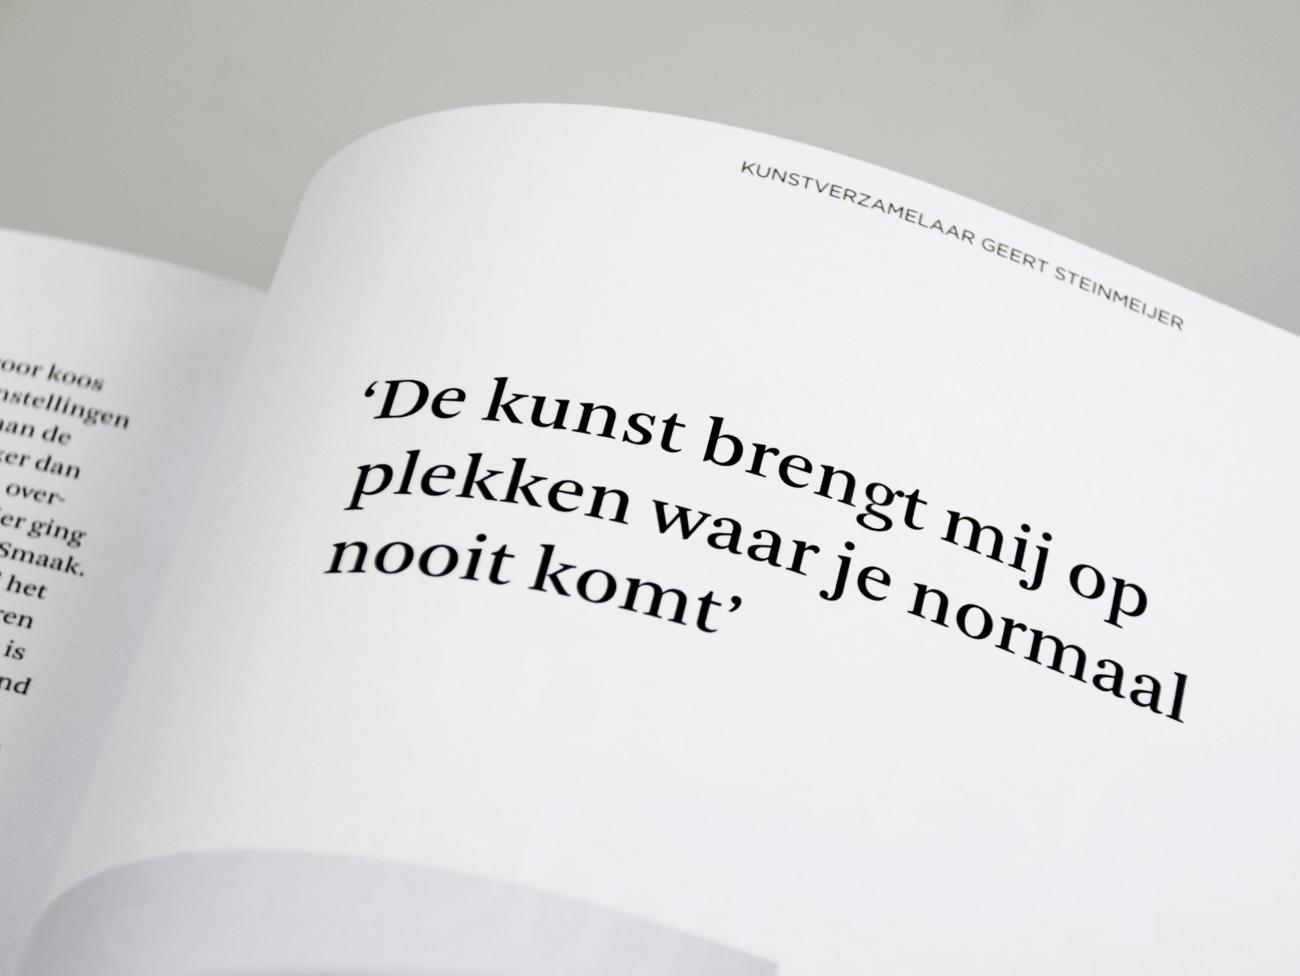 PAN quote Geert Steinmeijer